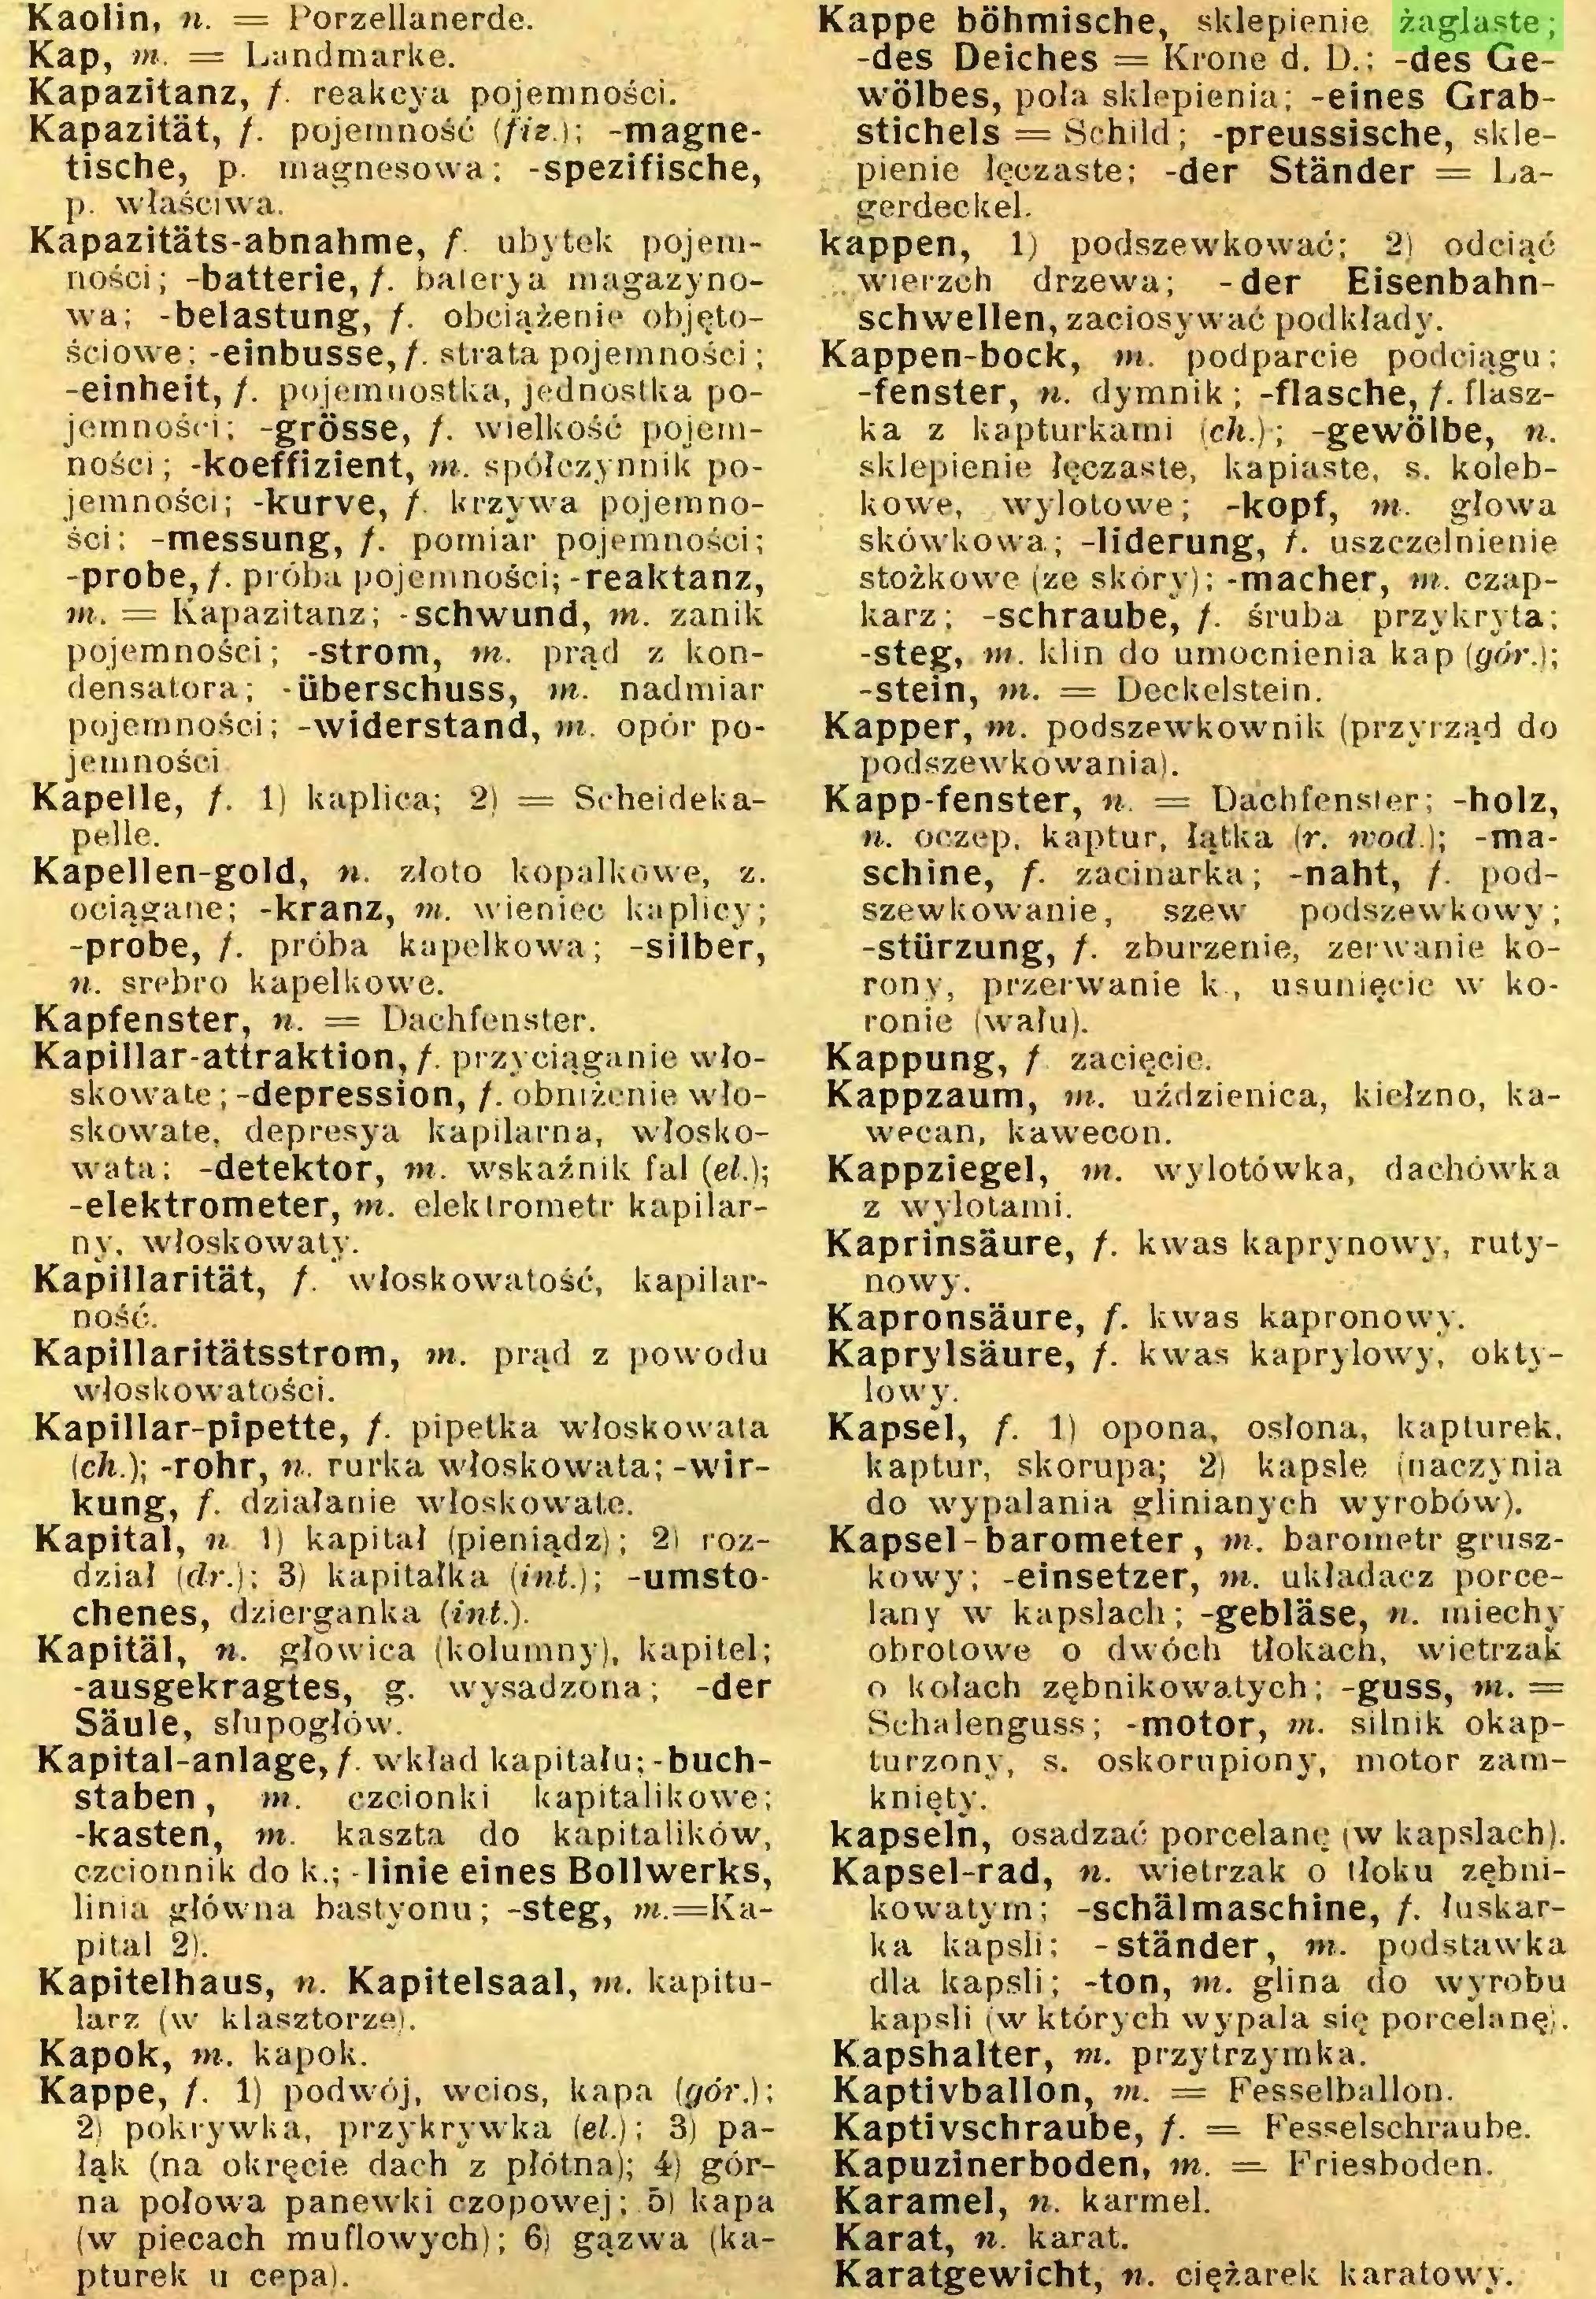 (...) Kappe, /. 1) podwój, wcios, kapa (gór.); 2) pokrywka, przykrywka (el.)\ 3) pałali. (na okręcie dach z płótna); 4) górna połowa panewki czopowej; 5| kapa (w piecach muflowych); 6) gązwa (kapturek u cepa). Kappe böhmische, sklepienie żaglaste; -des Deiches = Krone d. D.; -des Gewölbes, poła sklepienia; -eines Grabstichels = Schild; -preussische, sklepienie łęczaste; -der Ständer = Lagerdeckel...